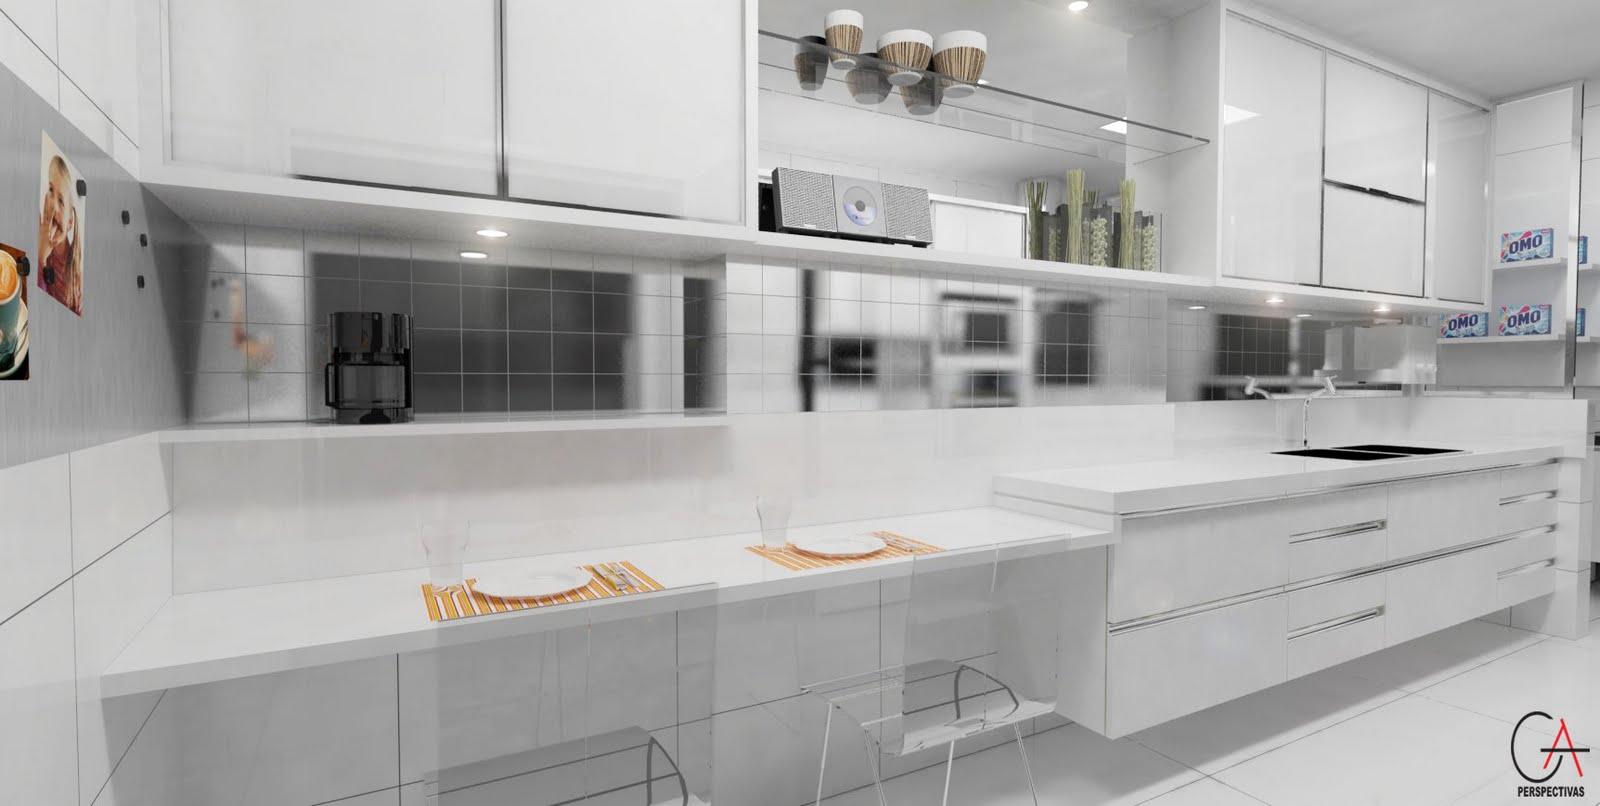 #9B6A30 GA Perspectivas: Cozinha Clean 1600x806 px A Cozinha Mais Recente Projeta Fotos_836 Imagens